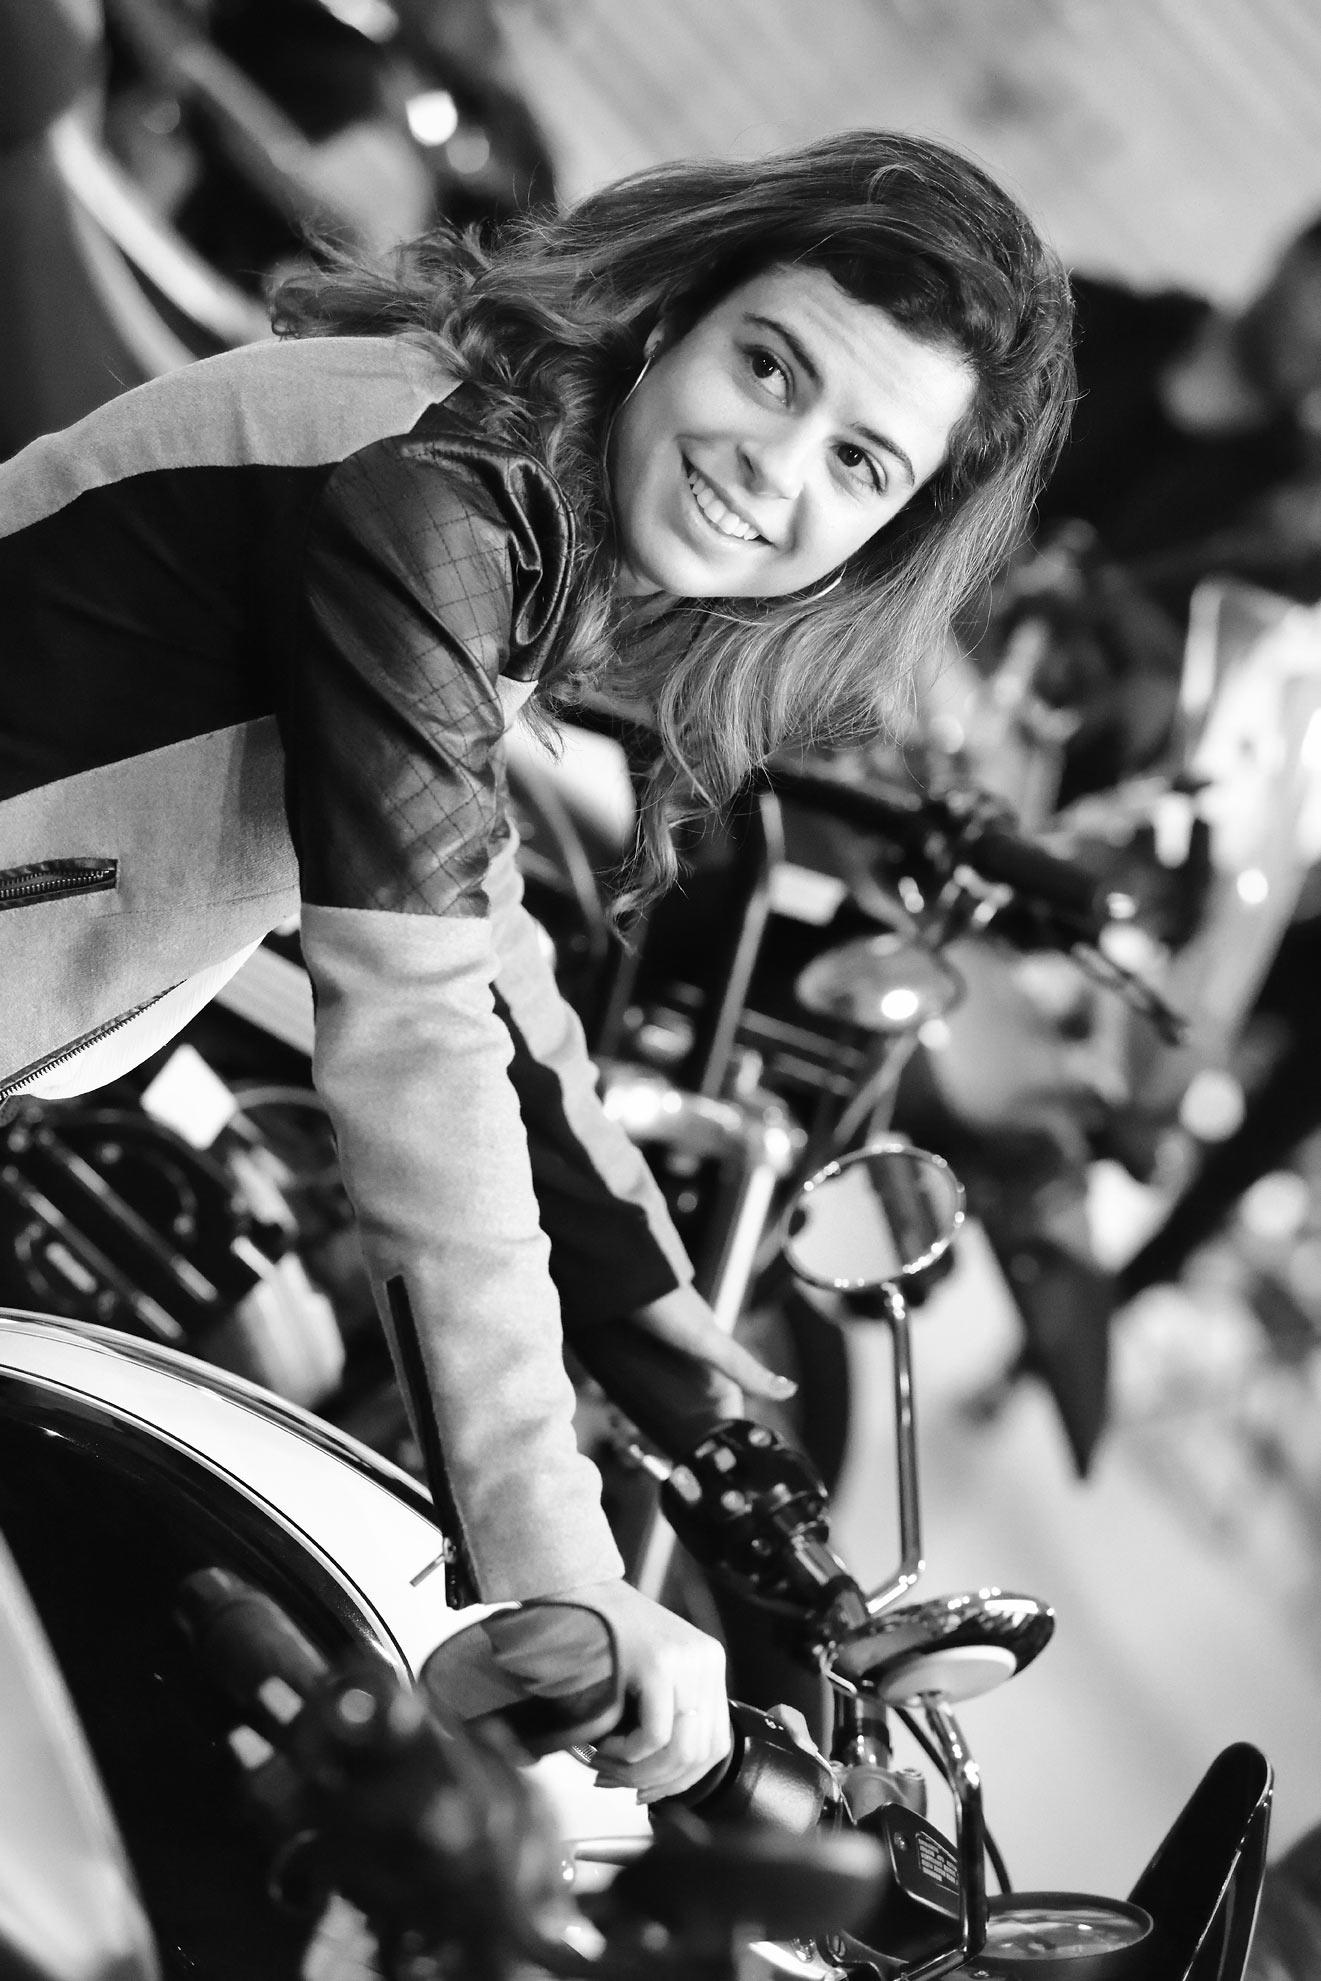 motomarket_002.jpg